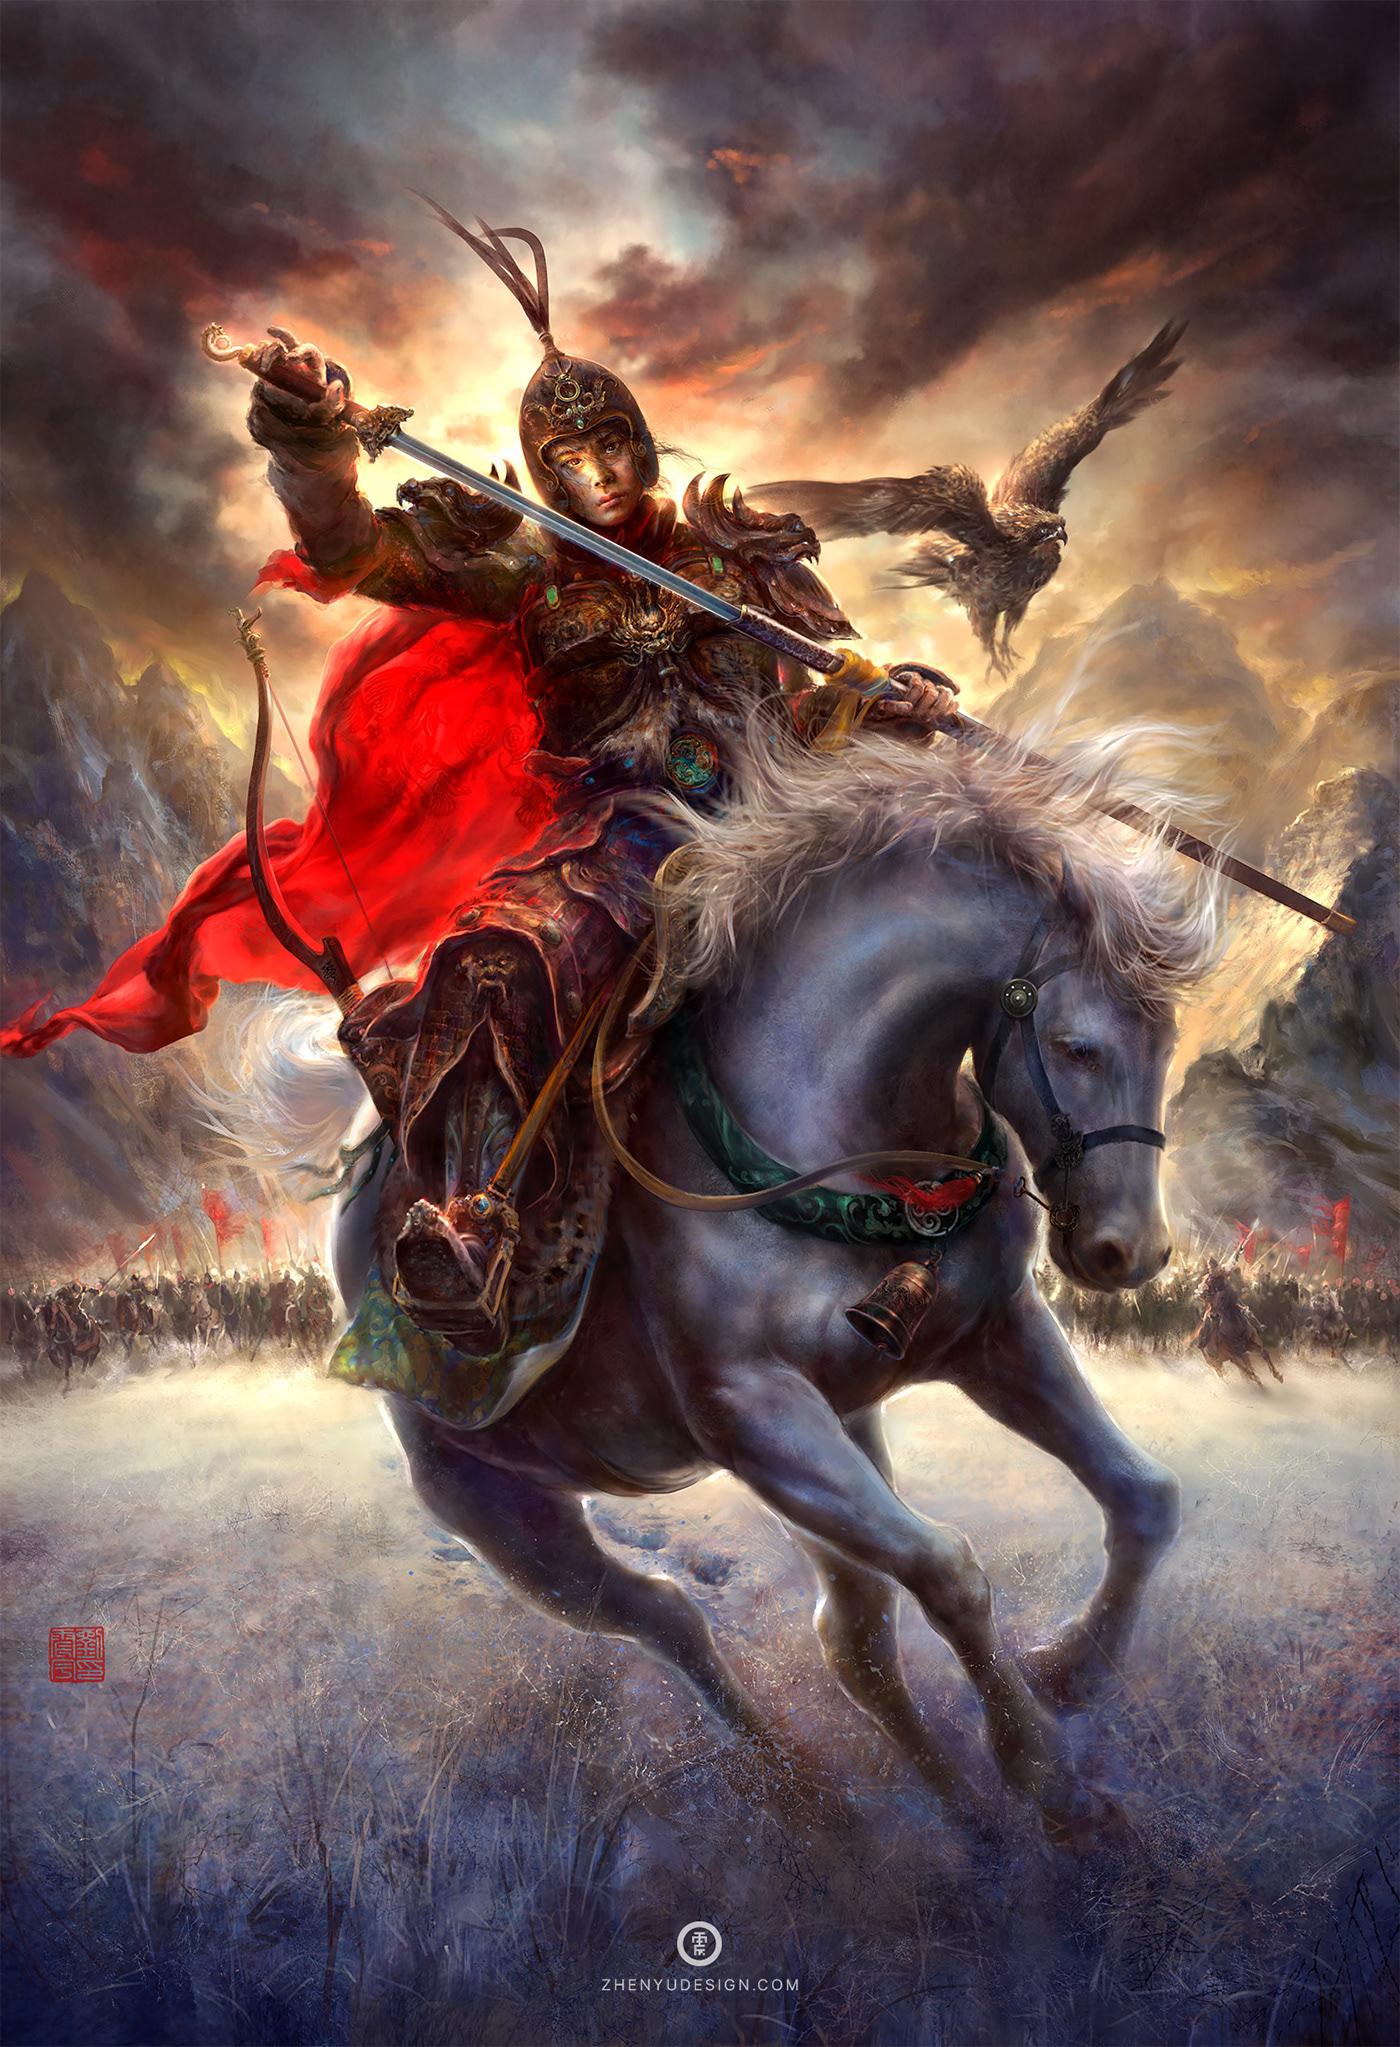 Image may contain: horse, screenshot and cartoon